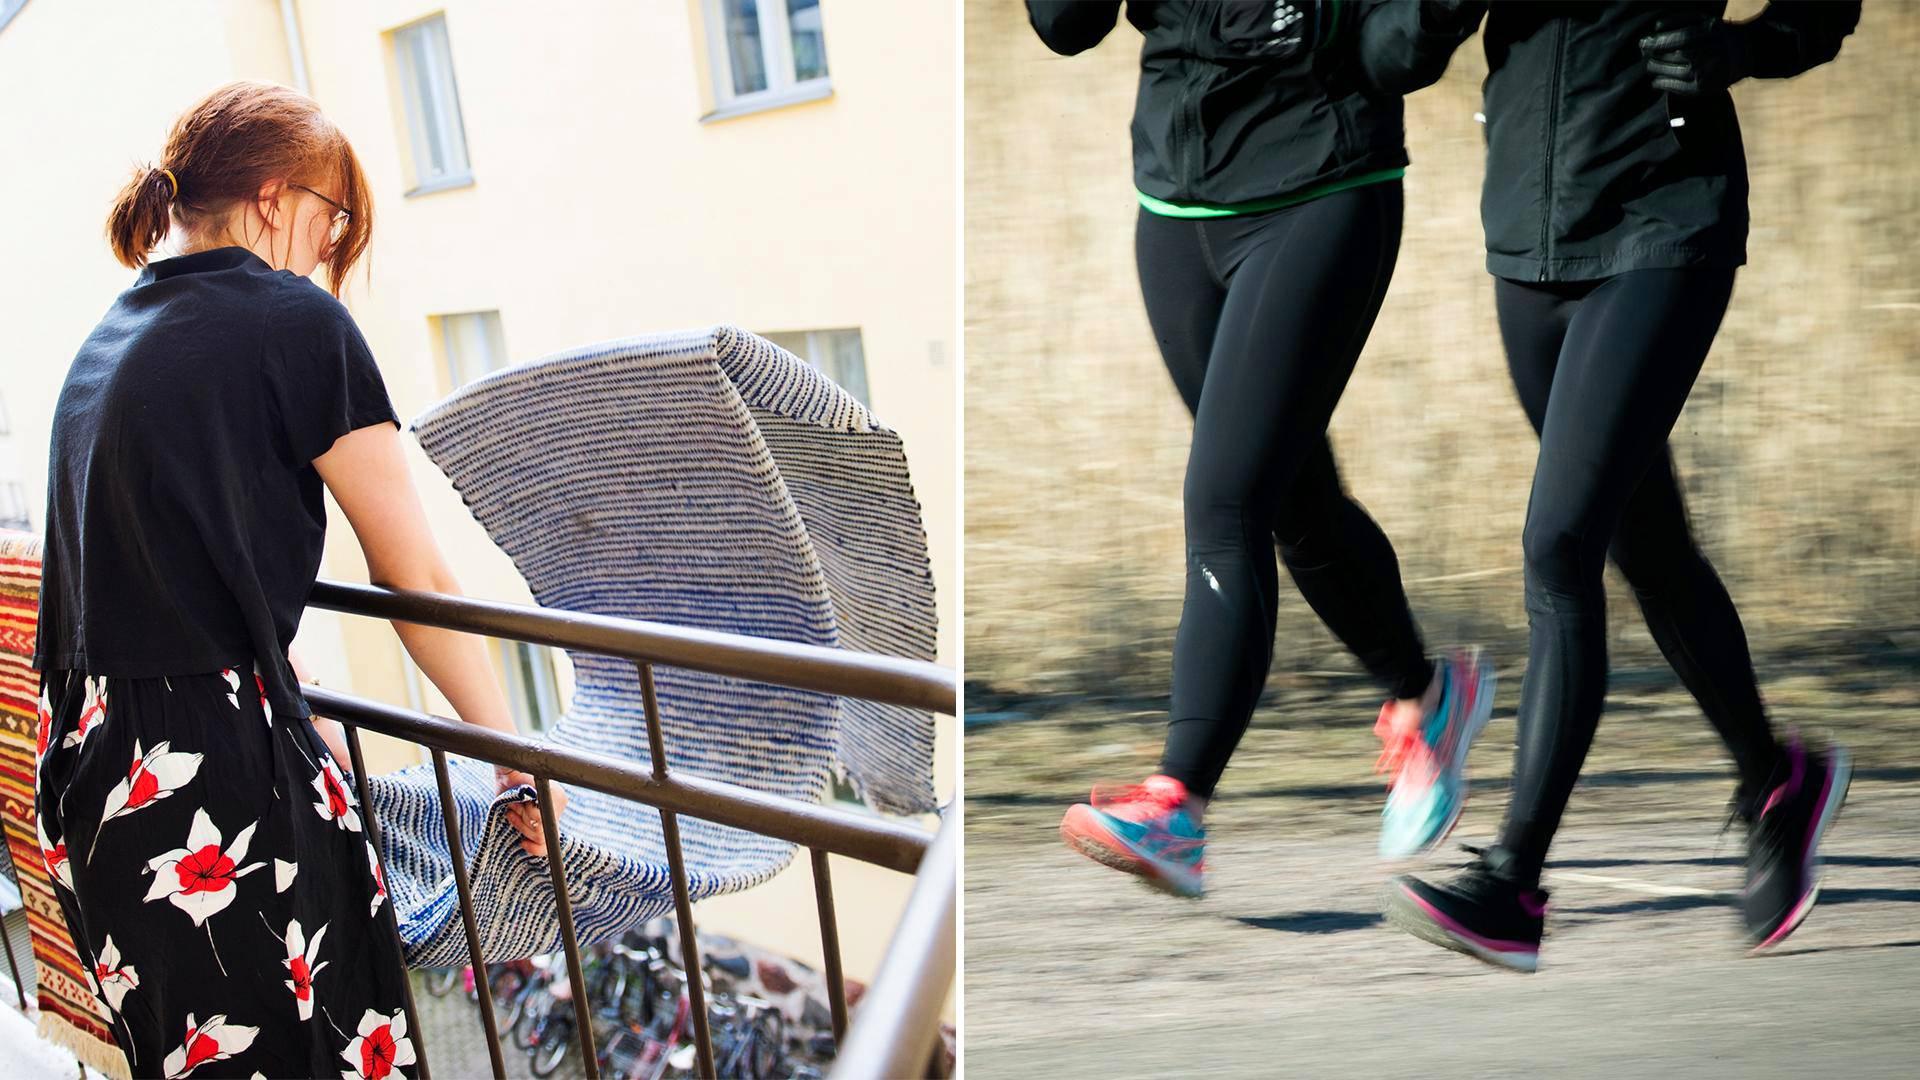 Liikuntasuositukset muuttuivat ja nyt niissä korostetaan lyhyiden liikuntapyrähdysten tärkeyttä ja unta – Tes